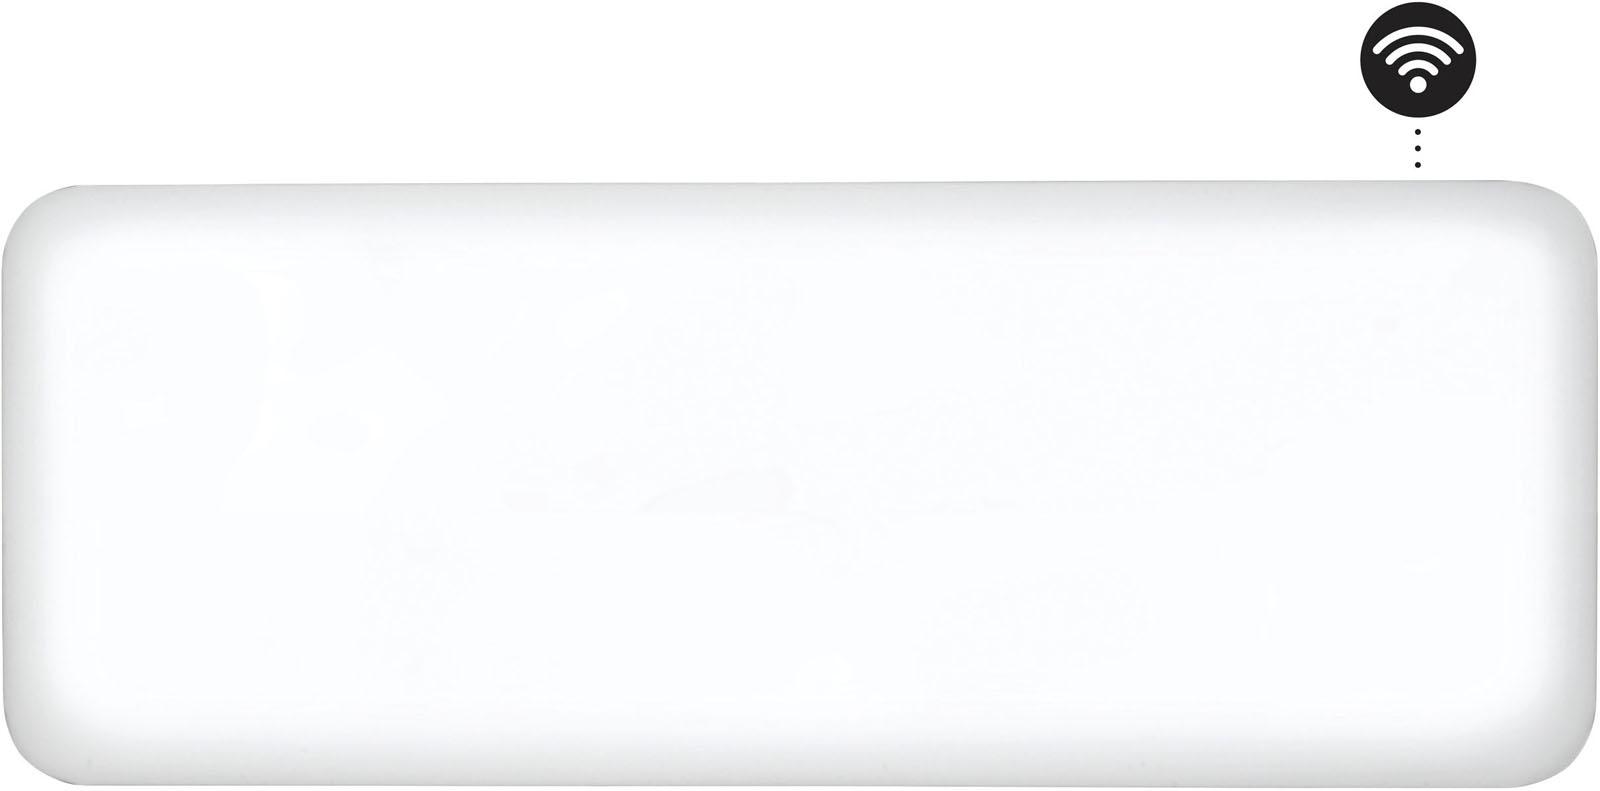 Mill elektrische radiator NE1200WIFI - Prijsvergelijk